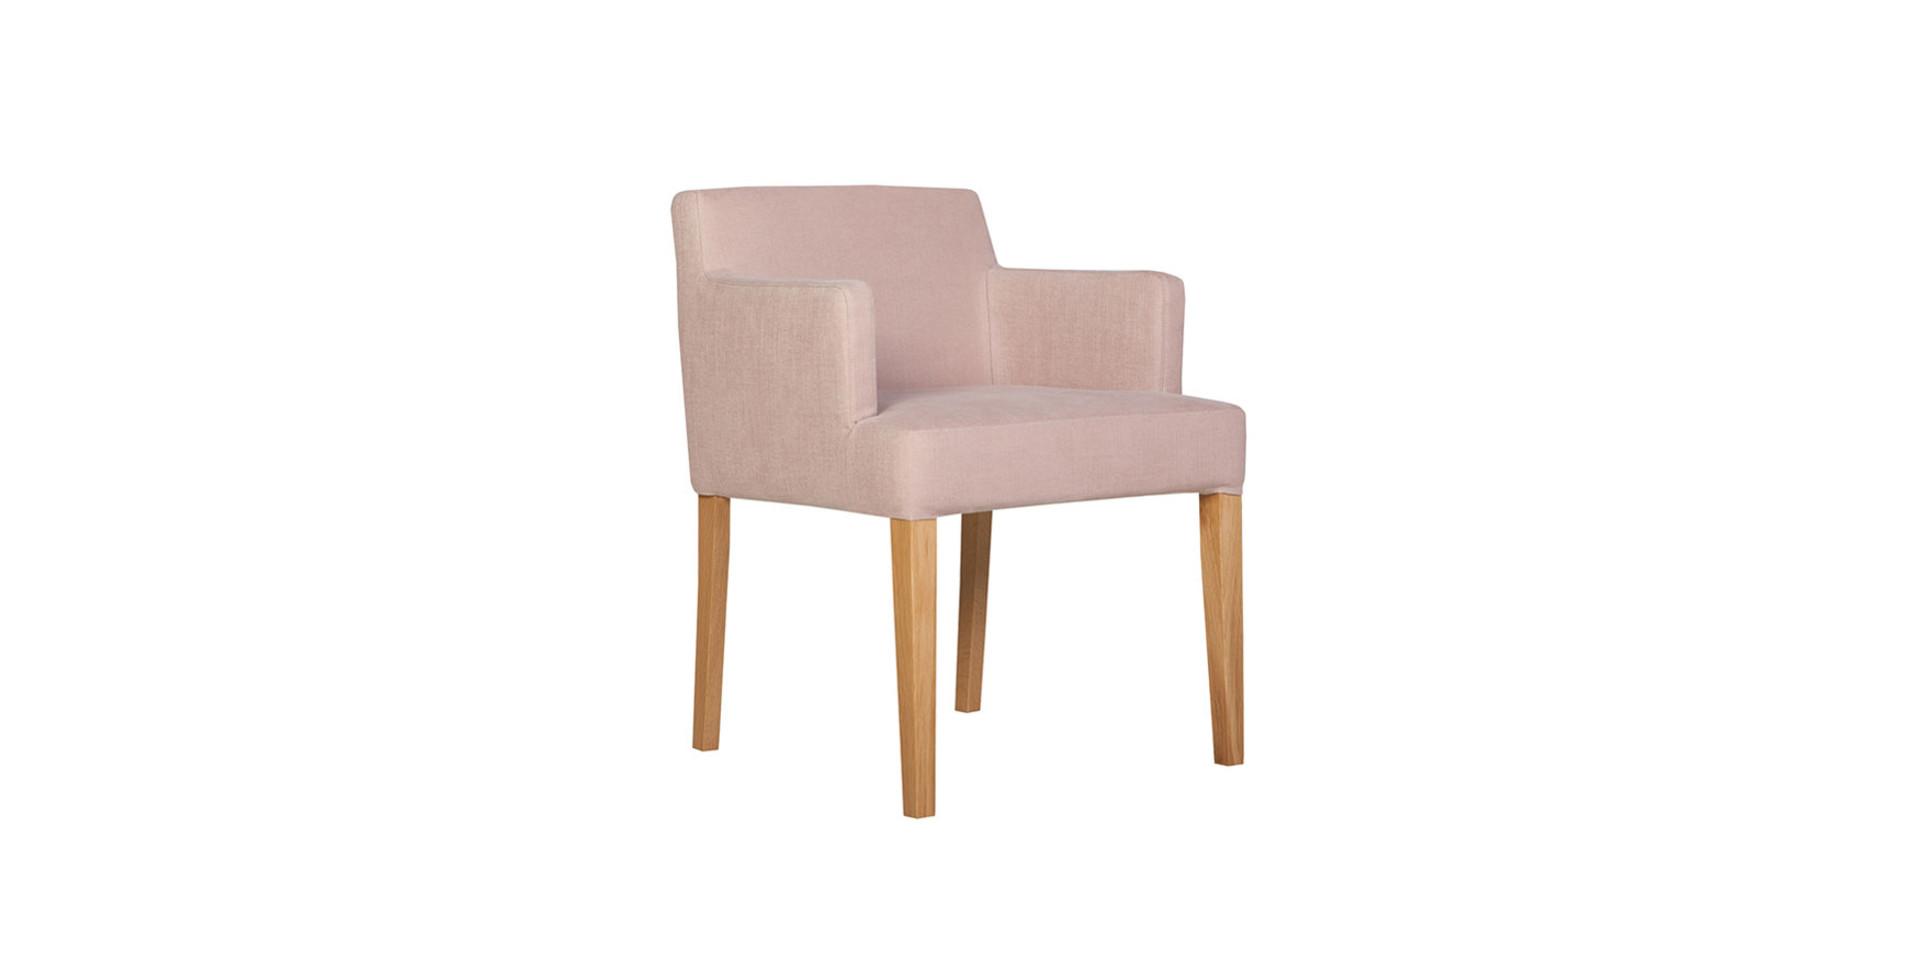 sits-linn-fauteuil-chair_caleido2990_powder_pink_2